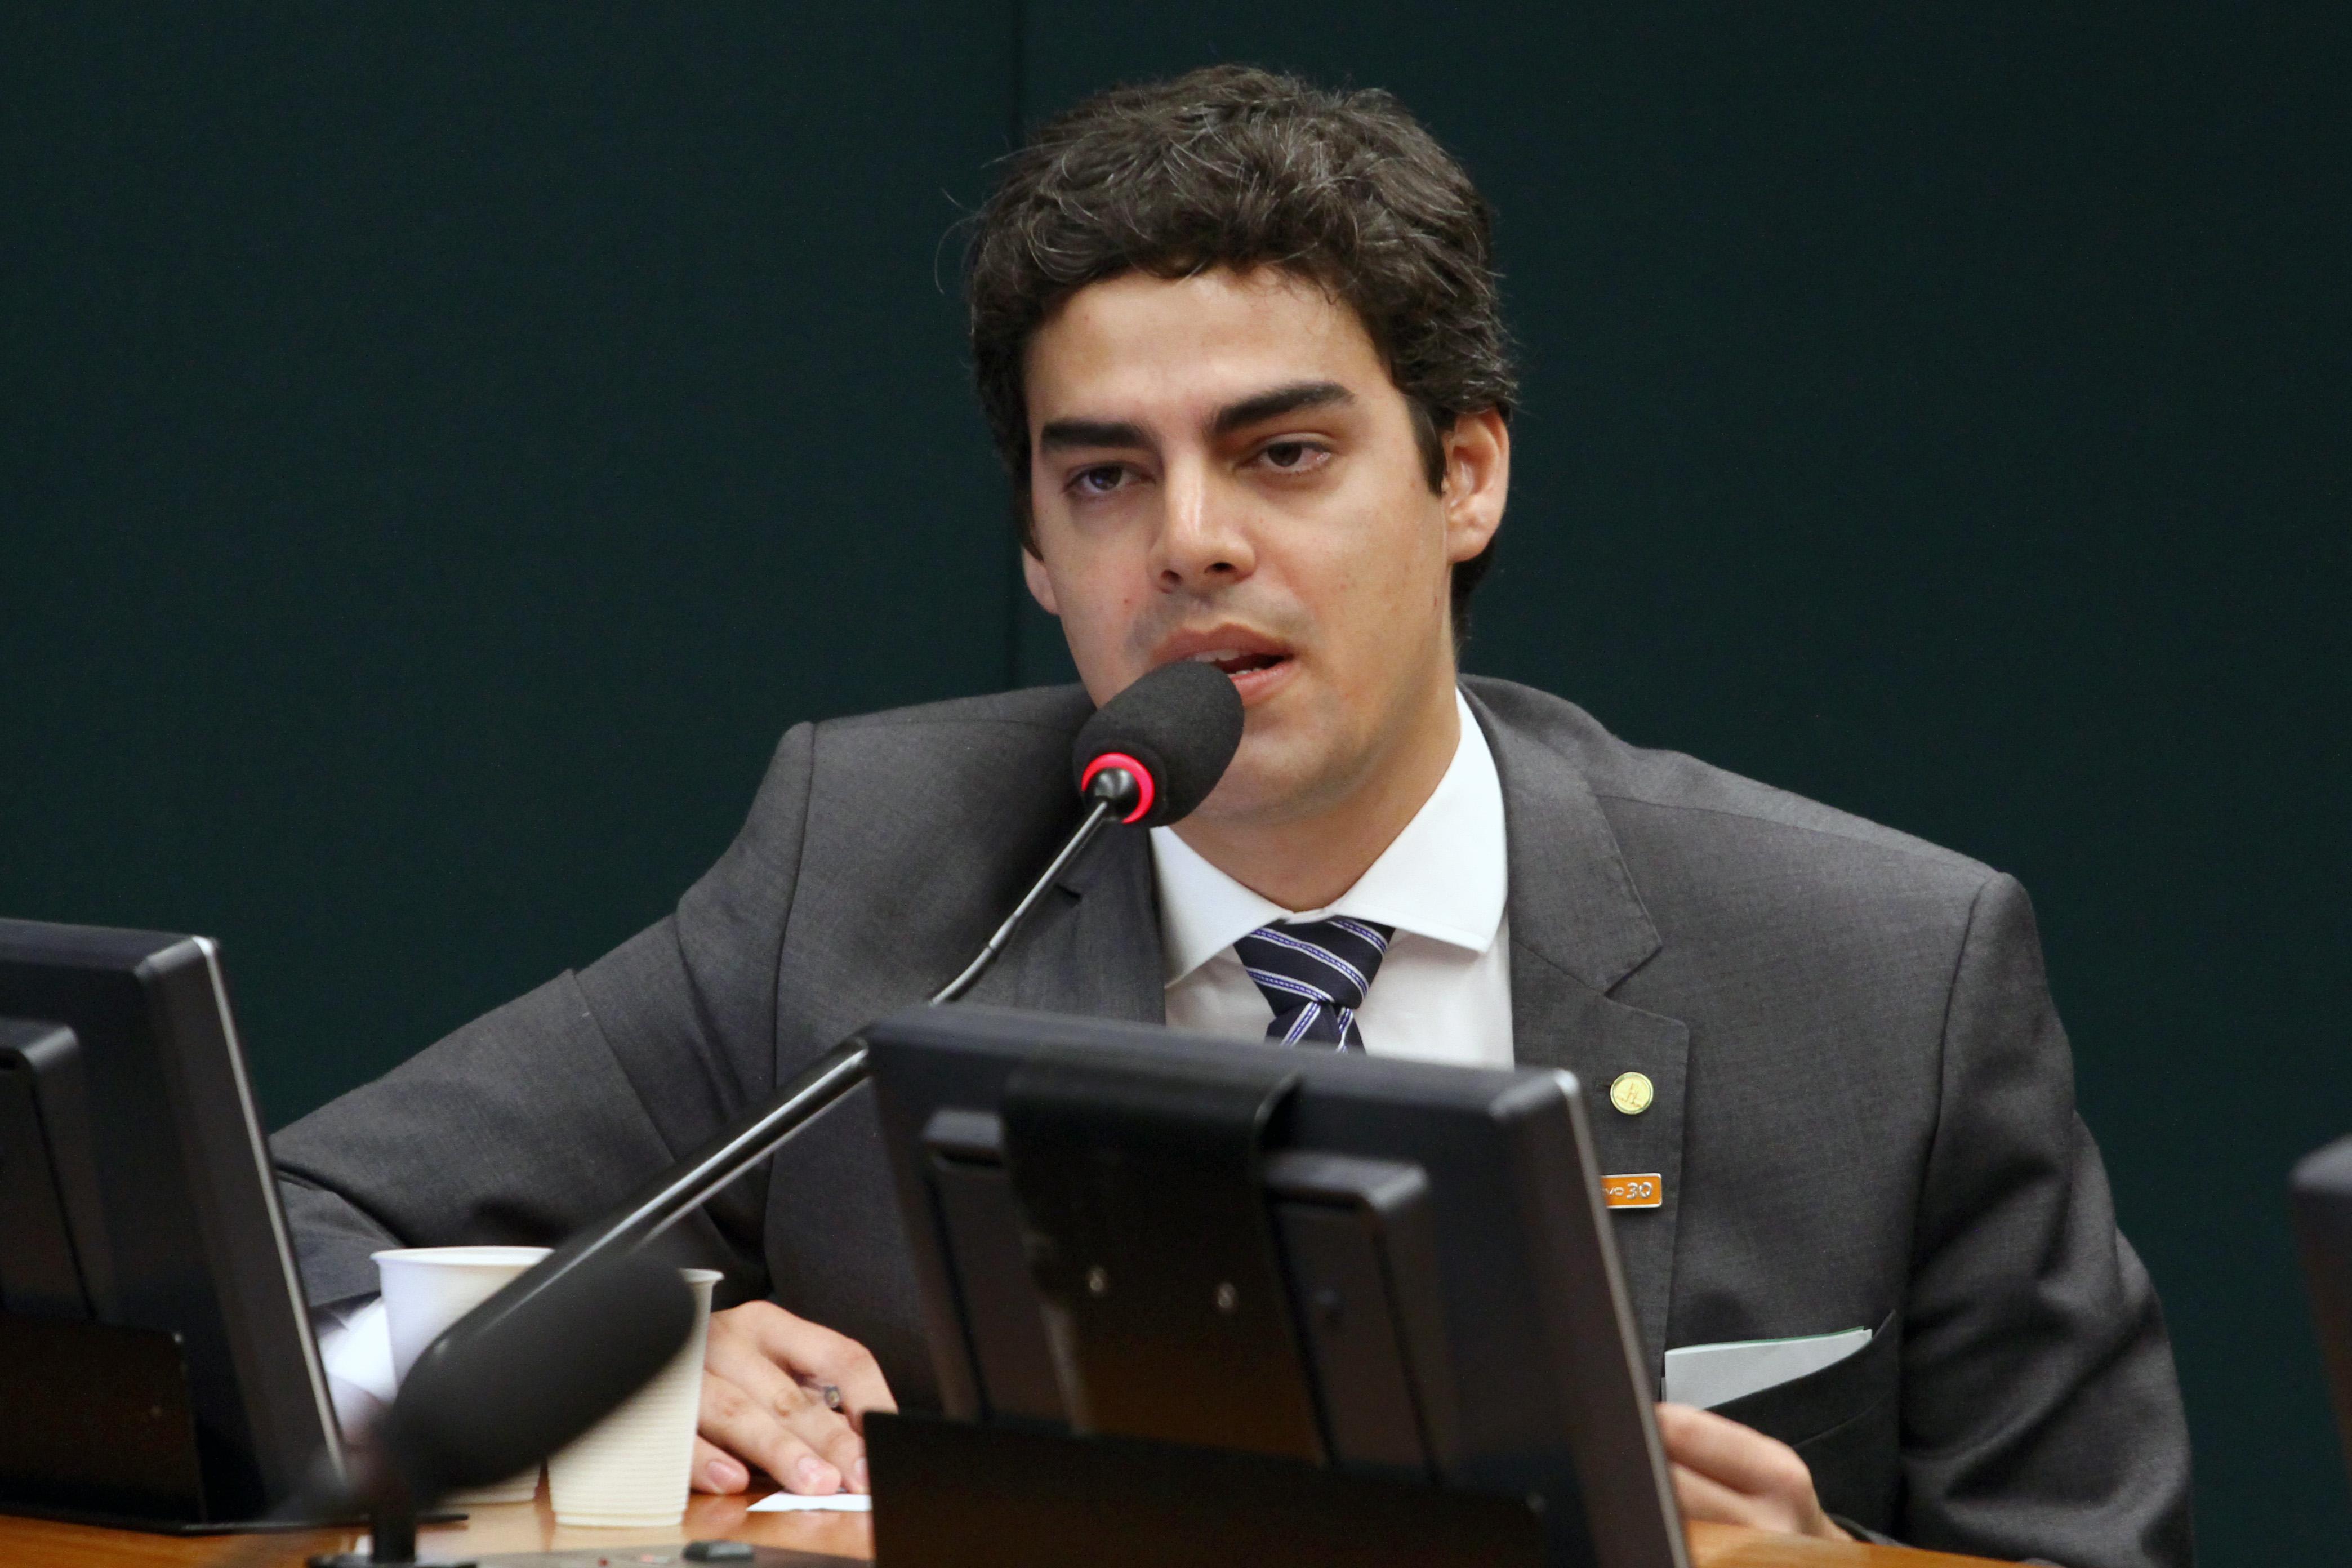 Tiago Mitraud apresentou emendas para o orçamento que beneficiam as universidades públicas